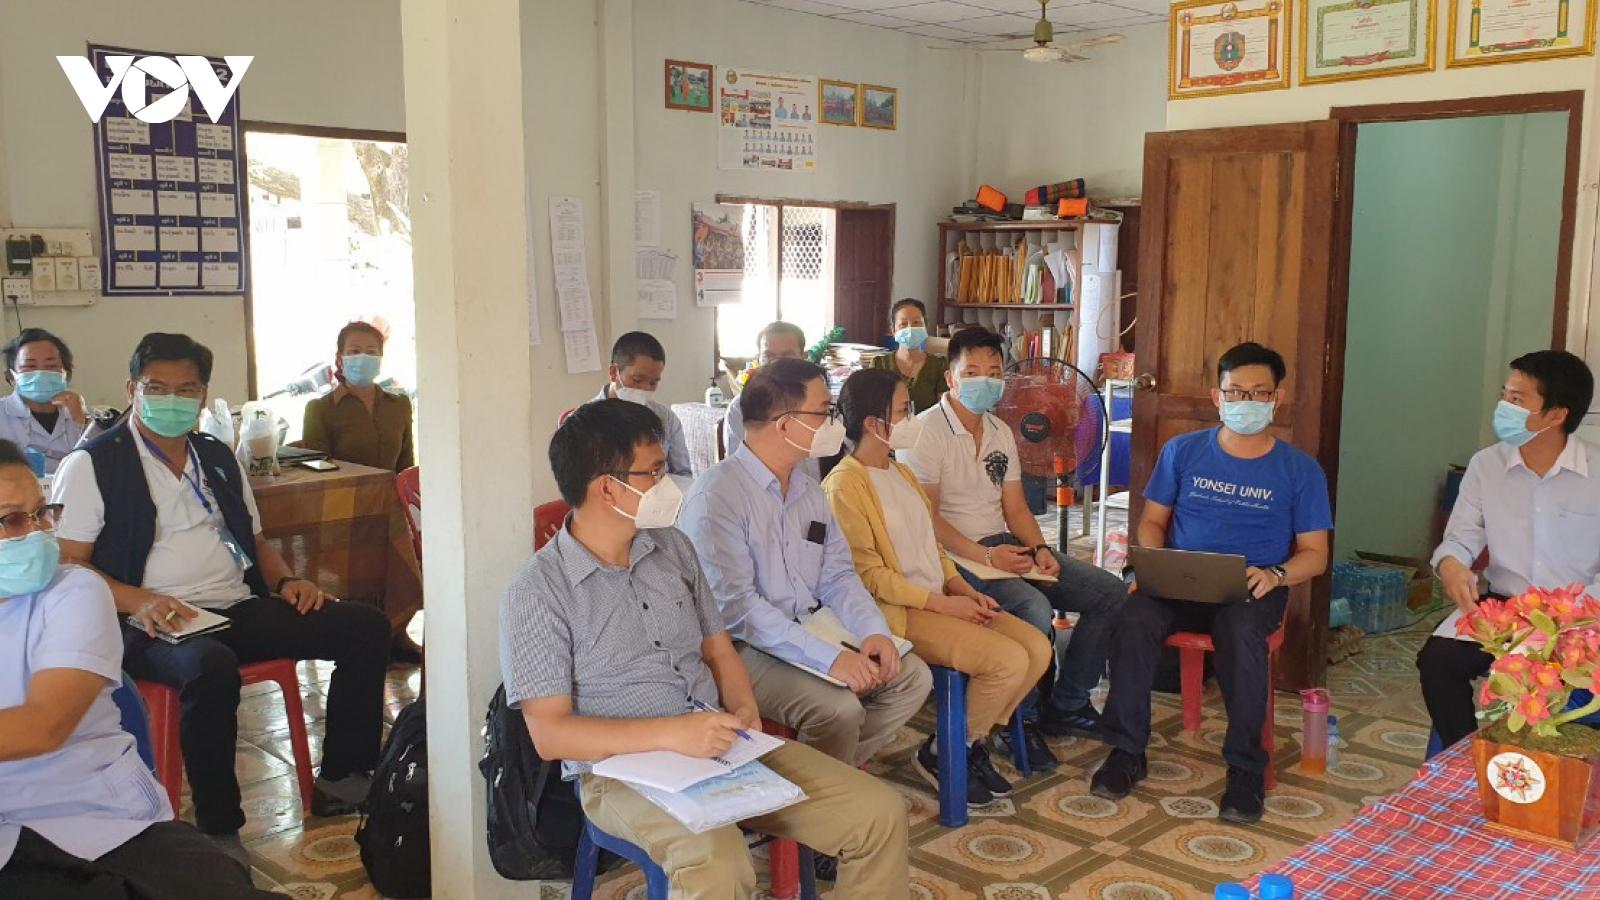 Bác sĩ Việt hết mình chống dịch Covid-19 trên đất Lào